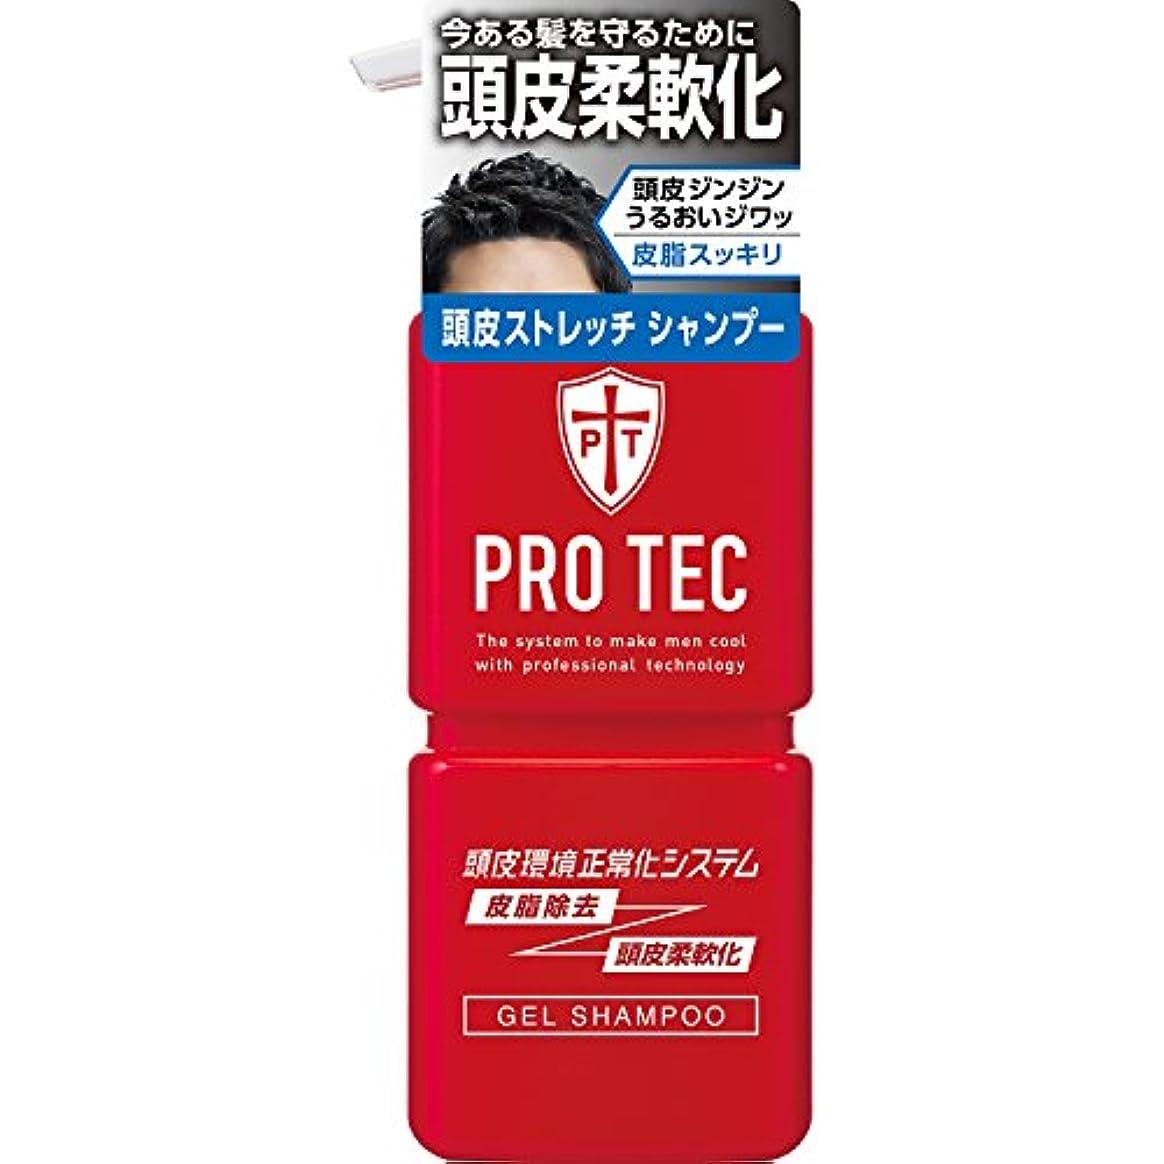 コンプリートアイザック保険PRO TEC(プロテク) 頭皮ストレッチ シャンプー 本体ポンプ 300g(医薬部外品)